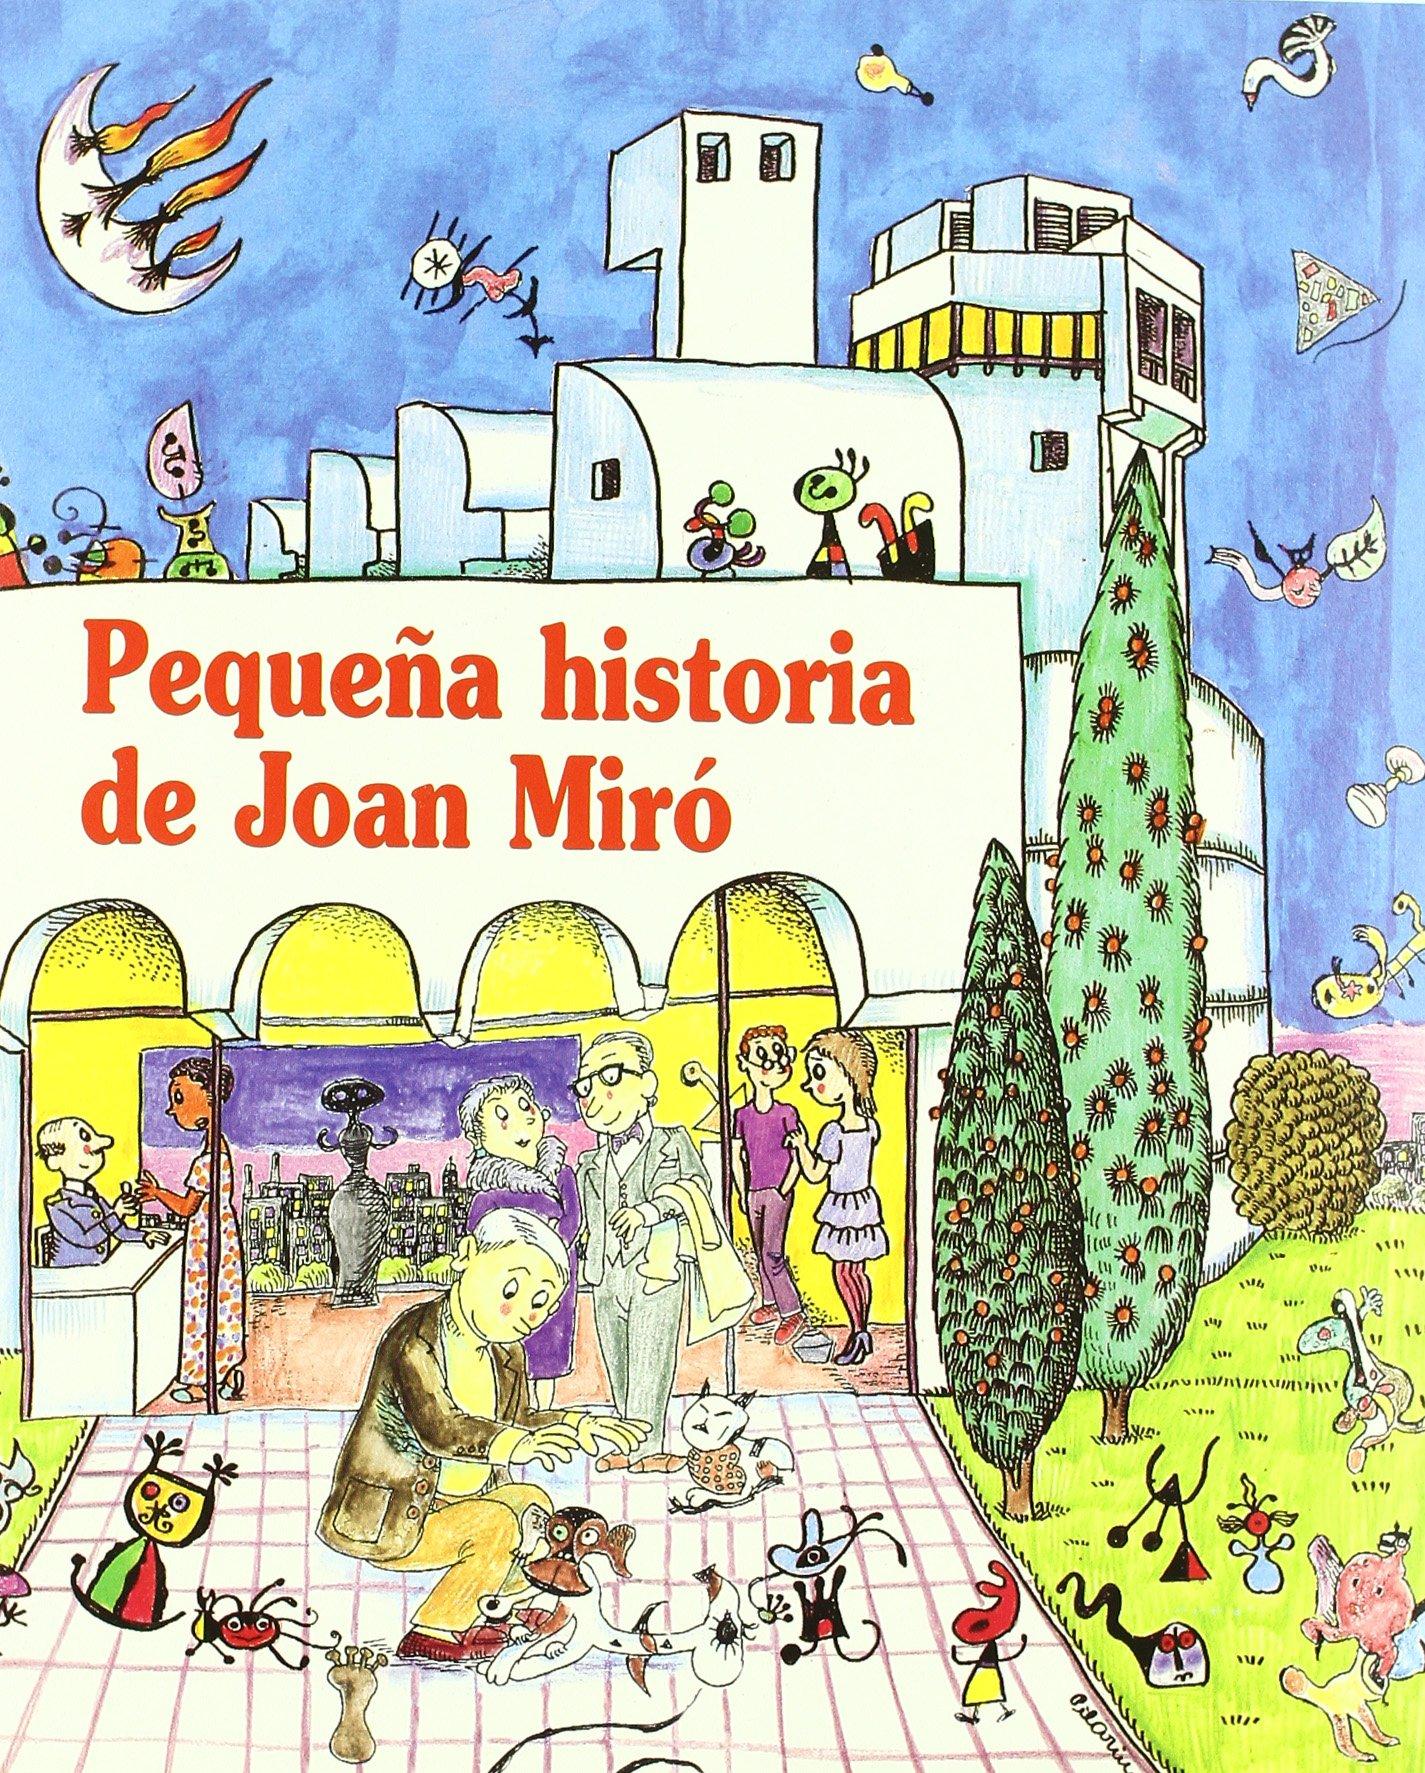 Pequeña historia de Joan Miró (Petites Històries): Amazon.es ...